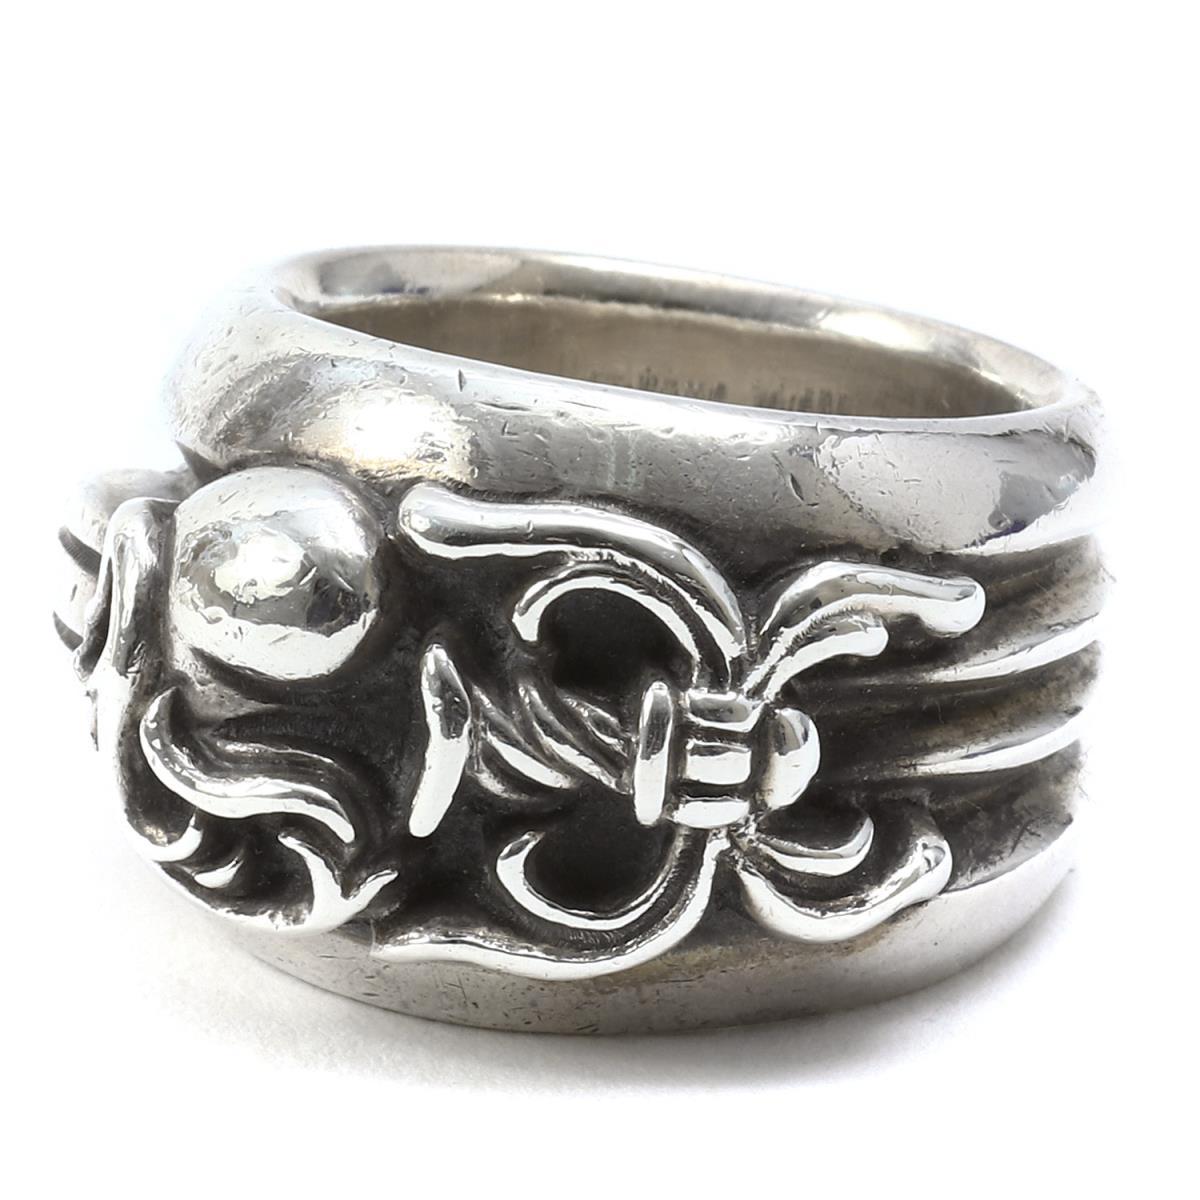 c1292ad36cc CHROME HEARTS (chromic Hertz) dagger heart ring (Dagger Heart Ring) silver  20